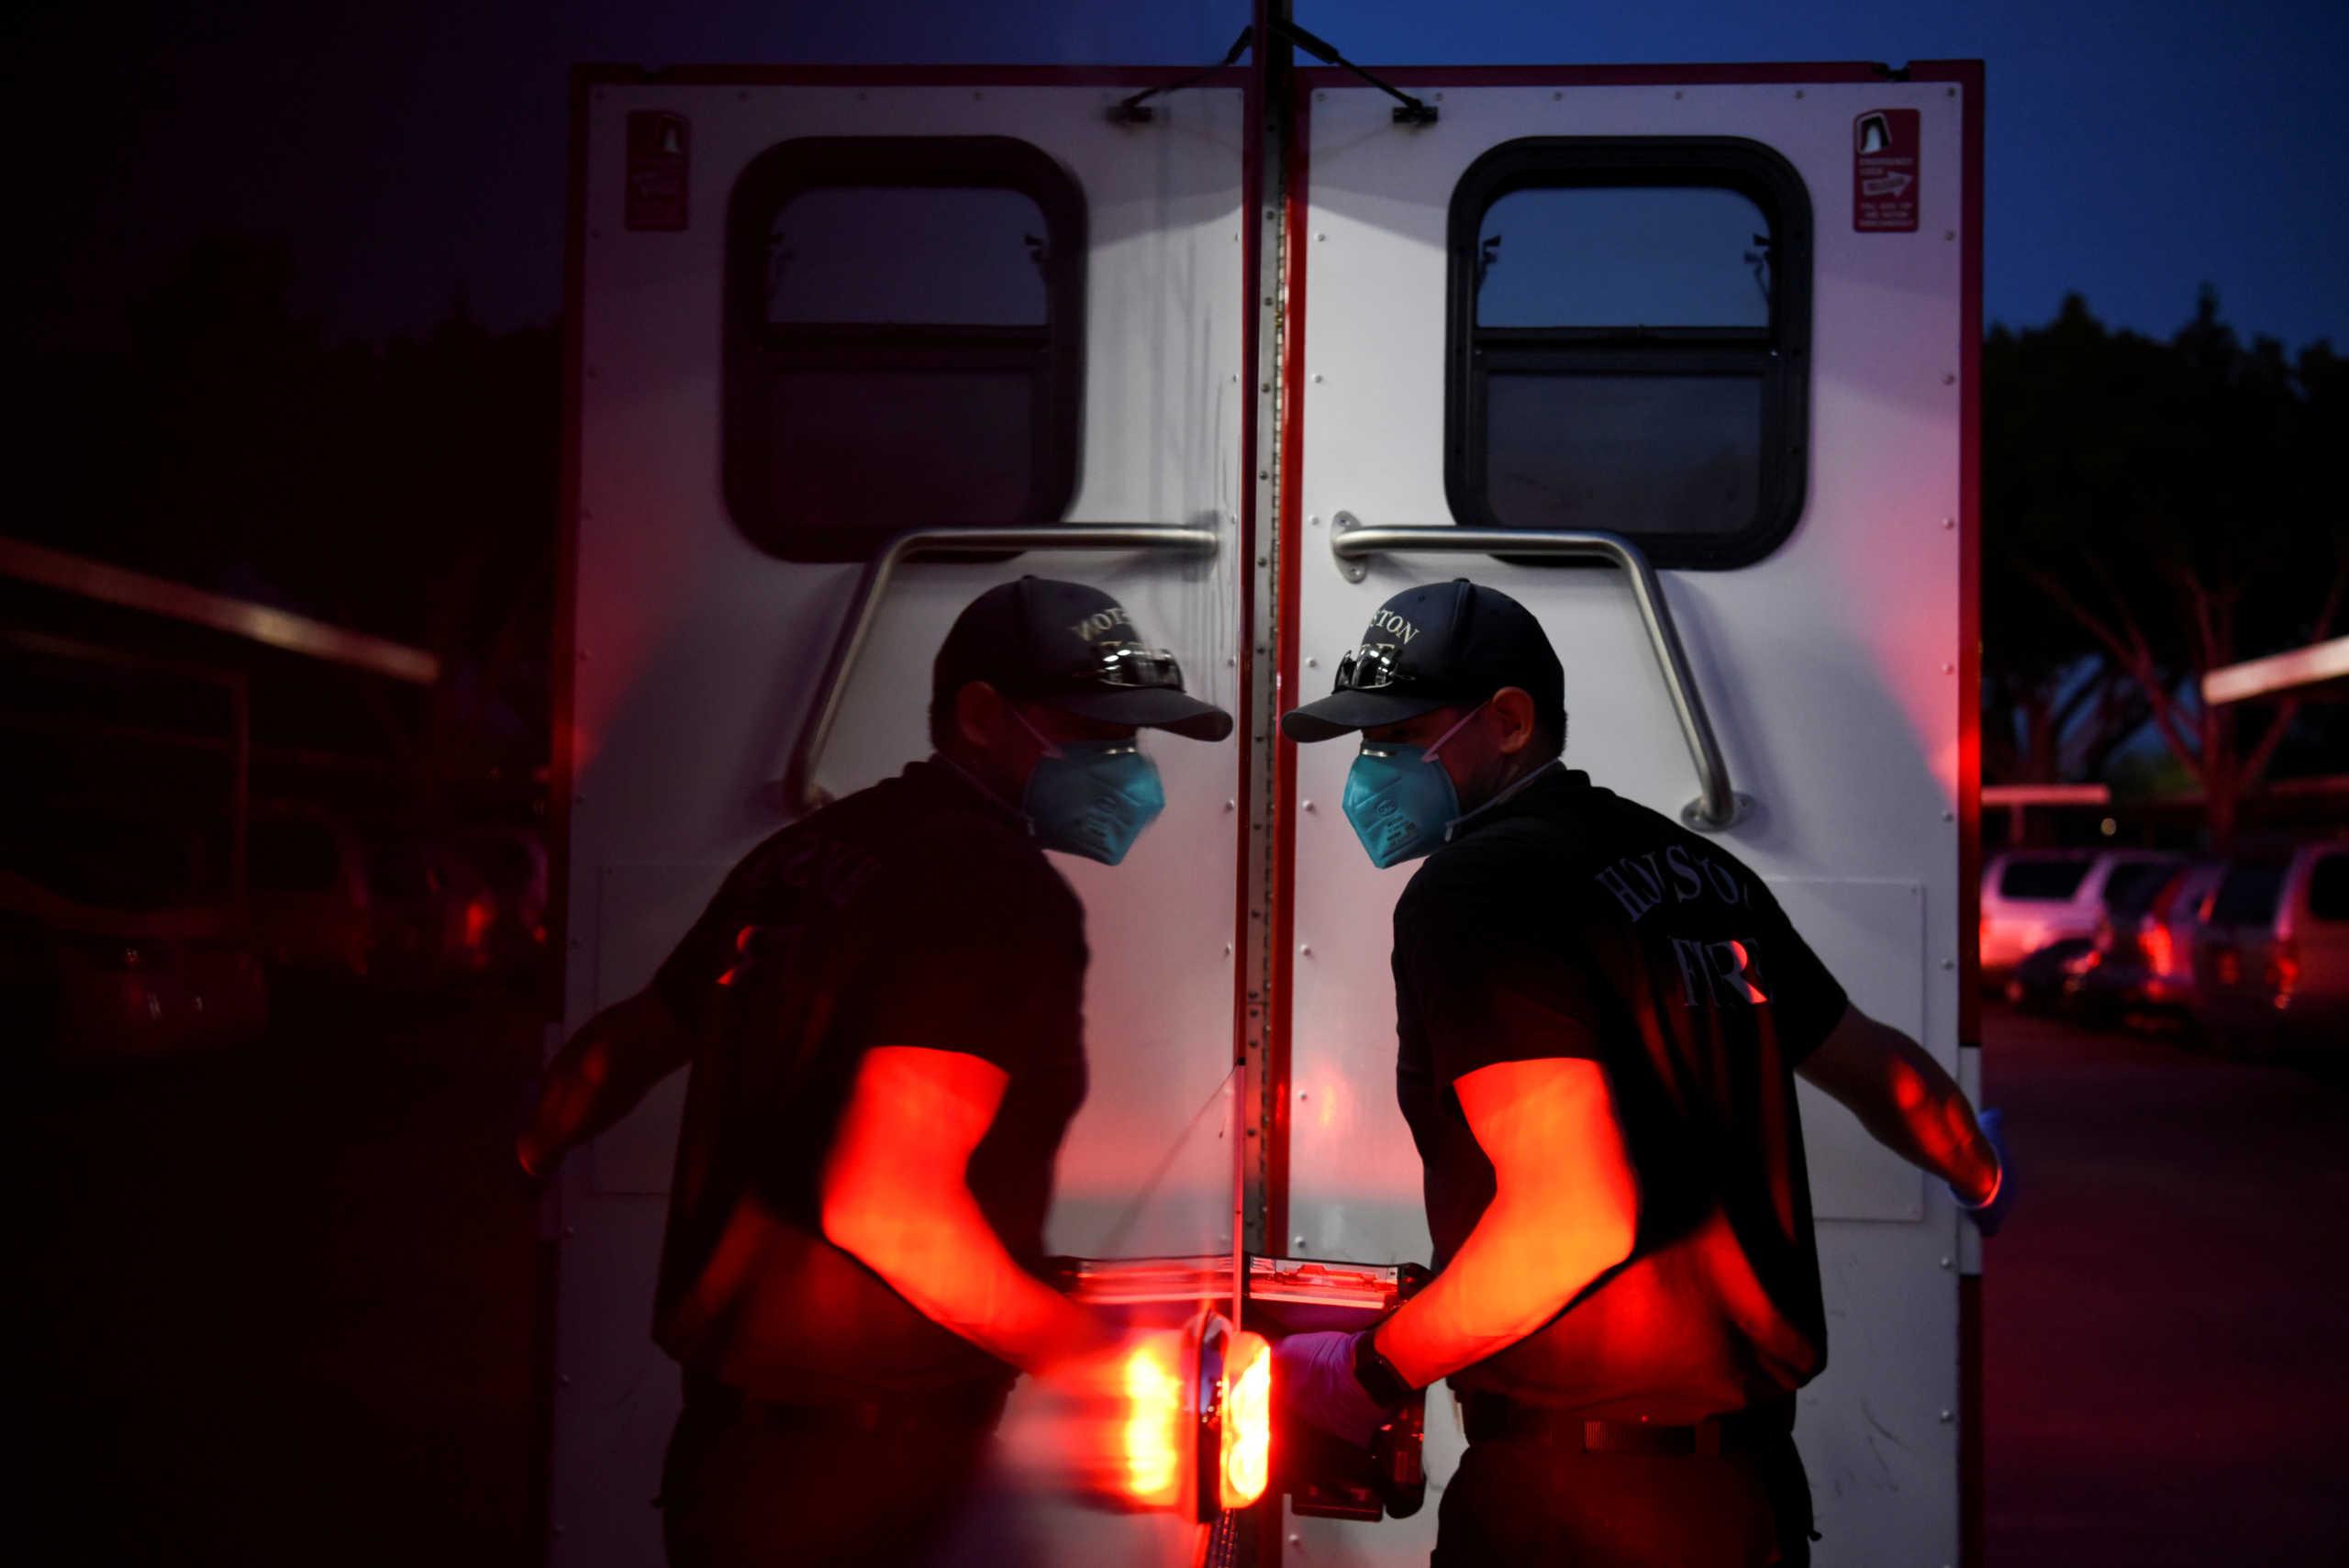 Κορονοϊός: Εφιαλτικό σενάριο για τουλάχιστον 500.000 θανάτους μέχρι τον Φεβρουάριο